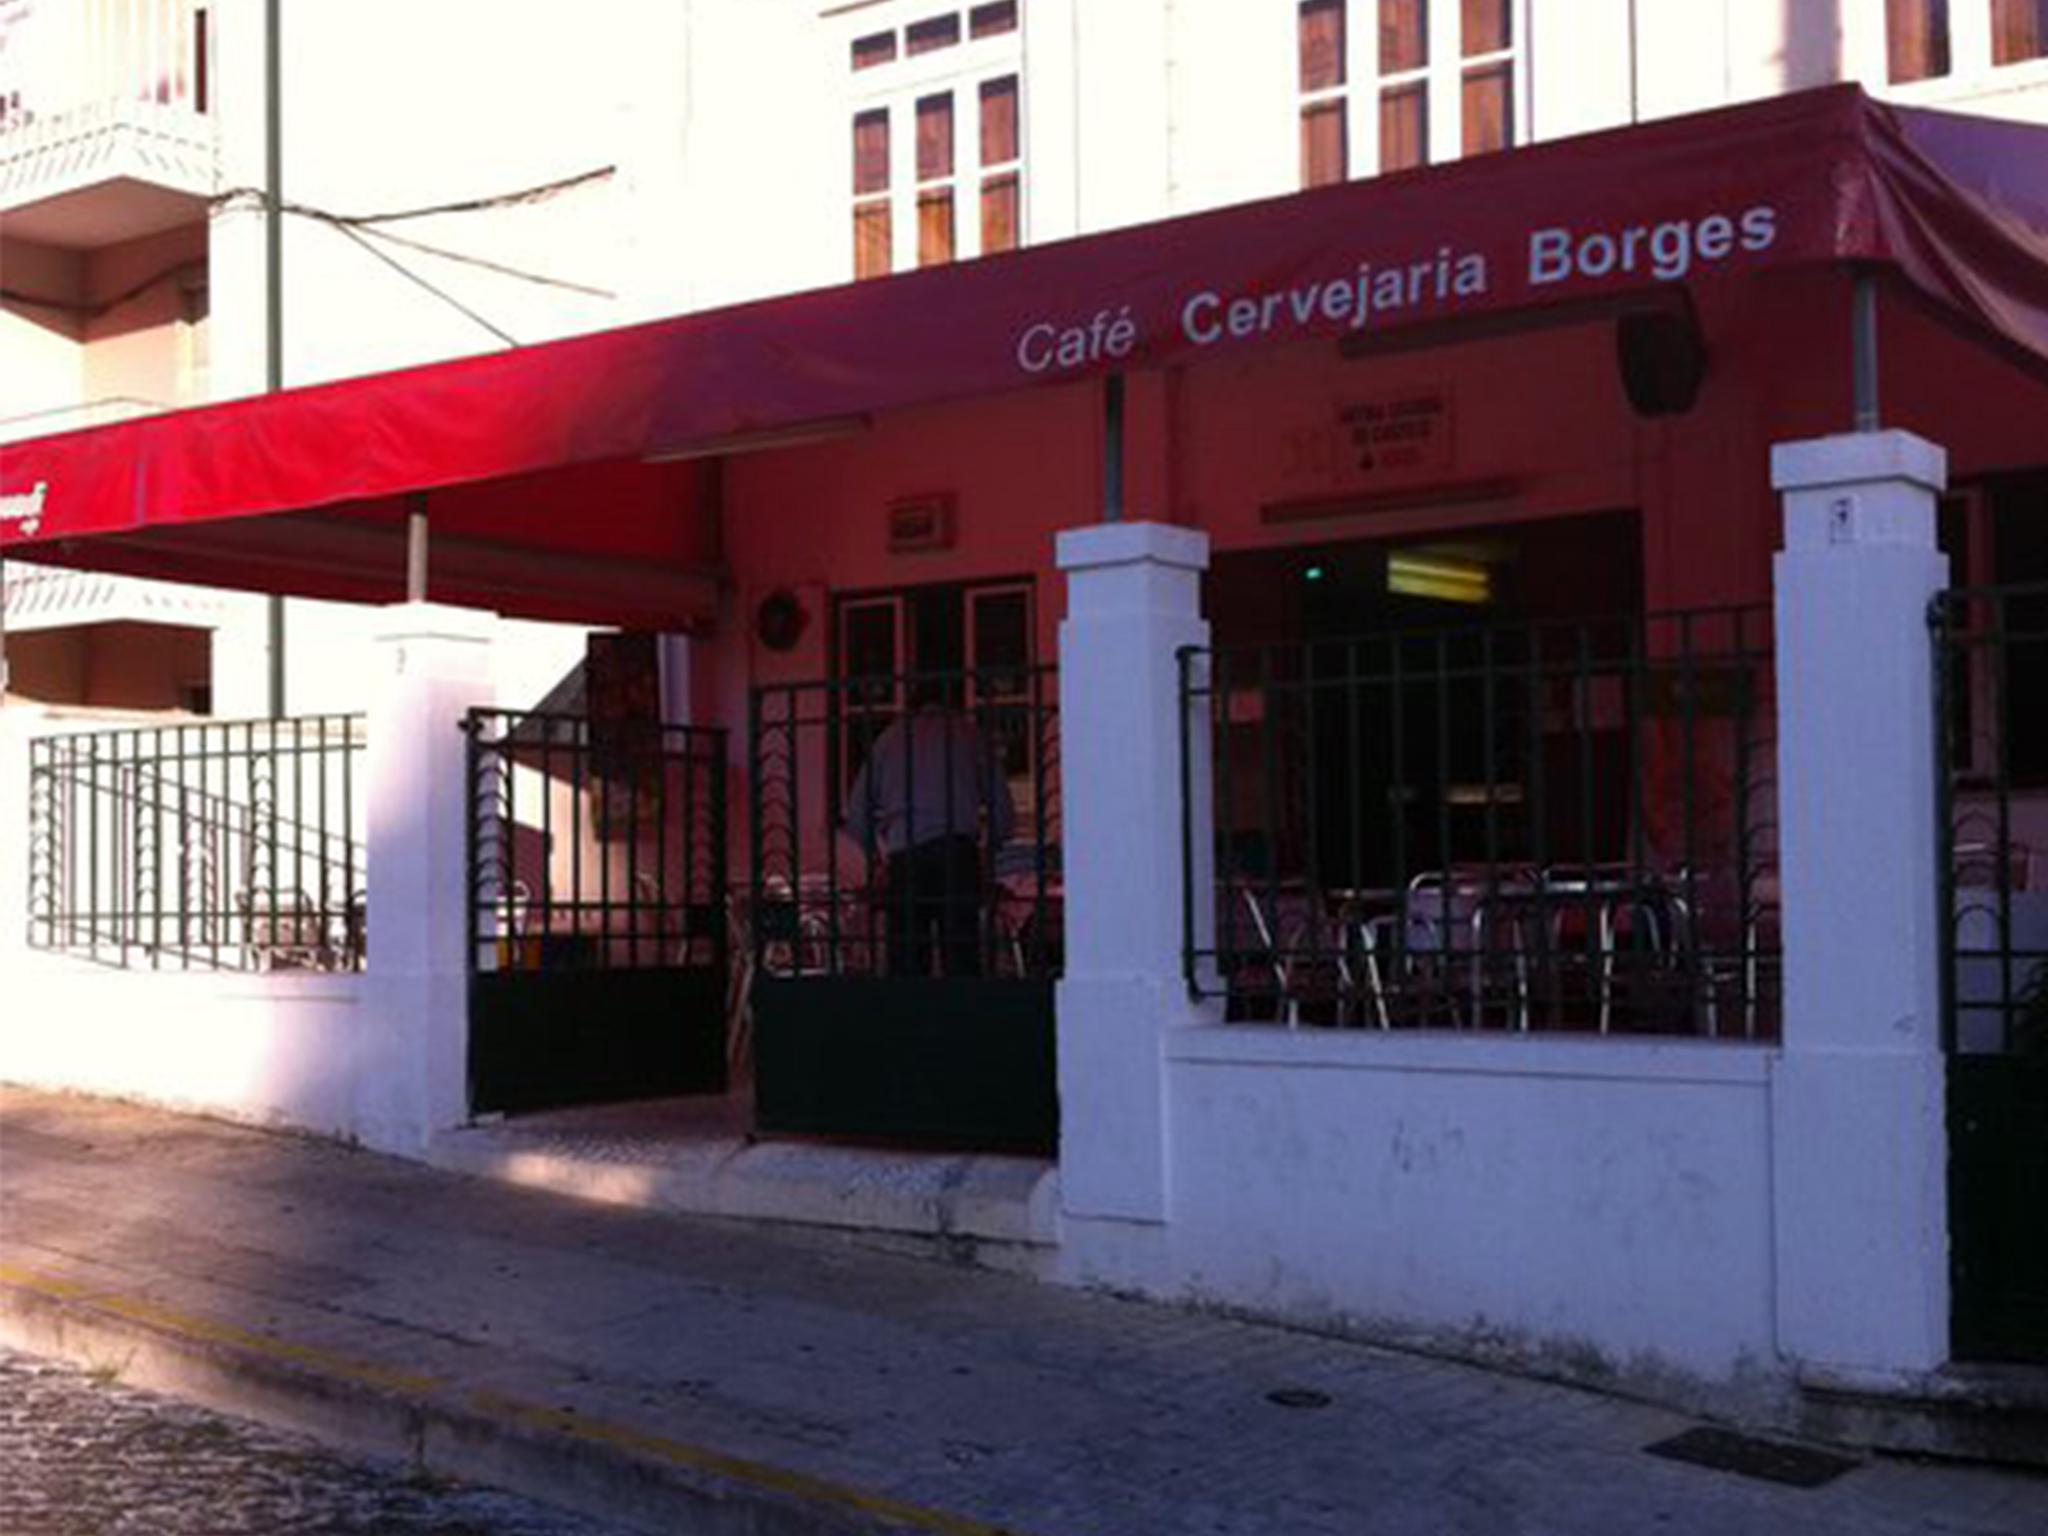 Café Cervejaria Borges